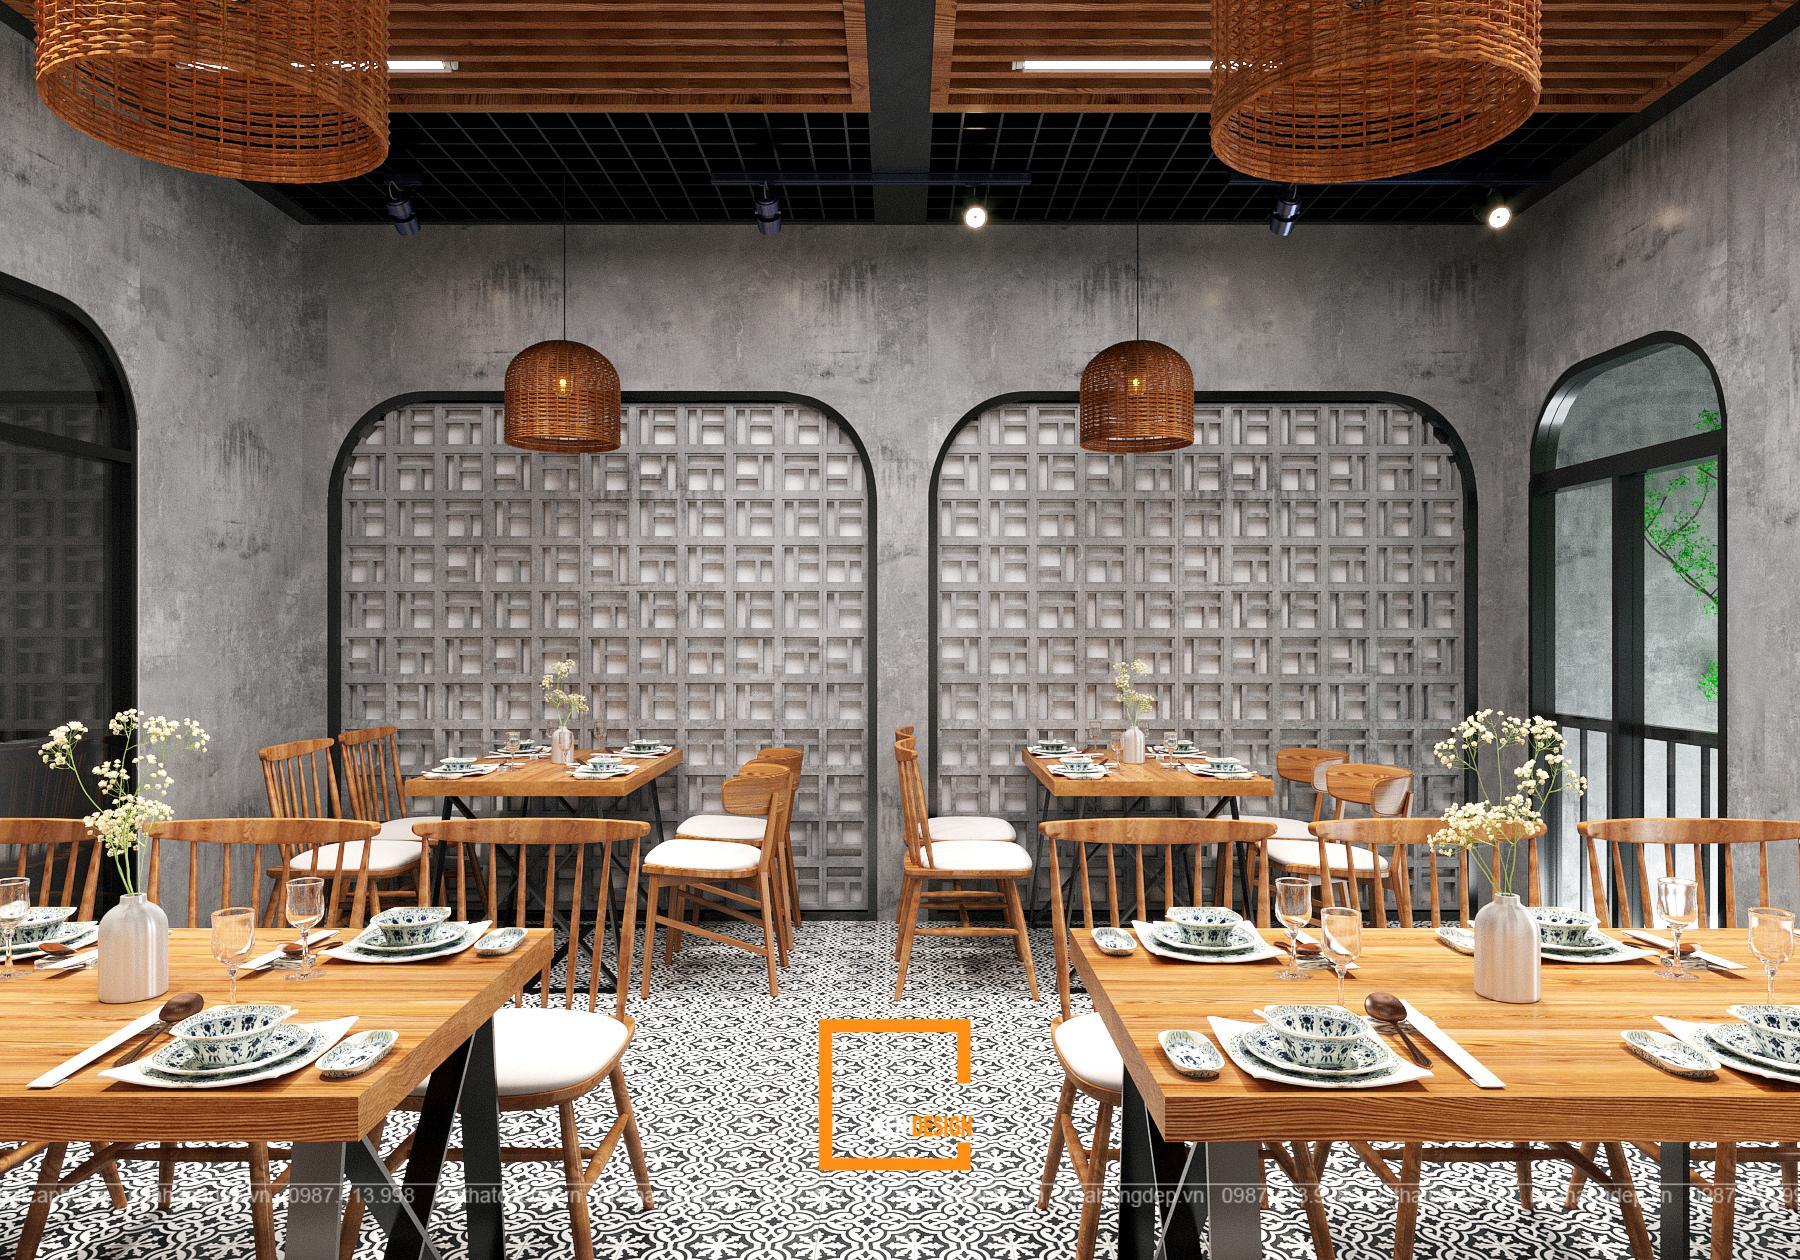 Thiết kế nhà hàng Cơm gà Sơn Tây - đâu là giới hạn của sáng tạo?